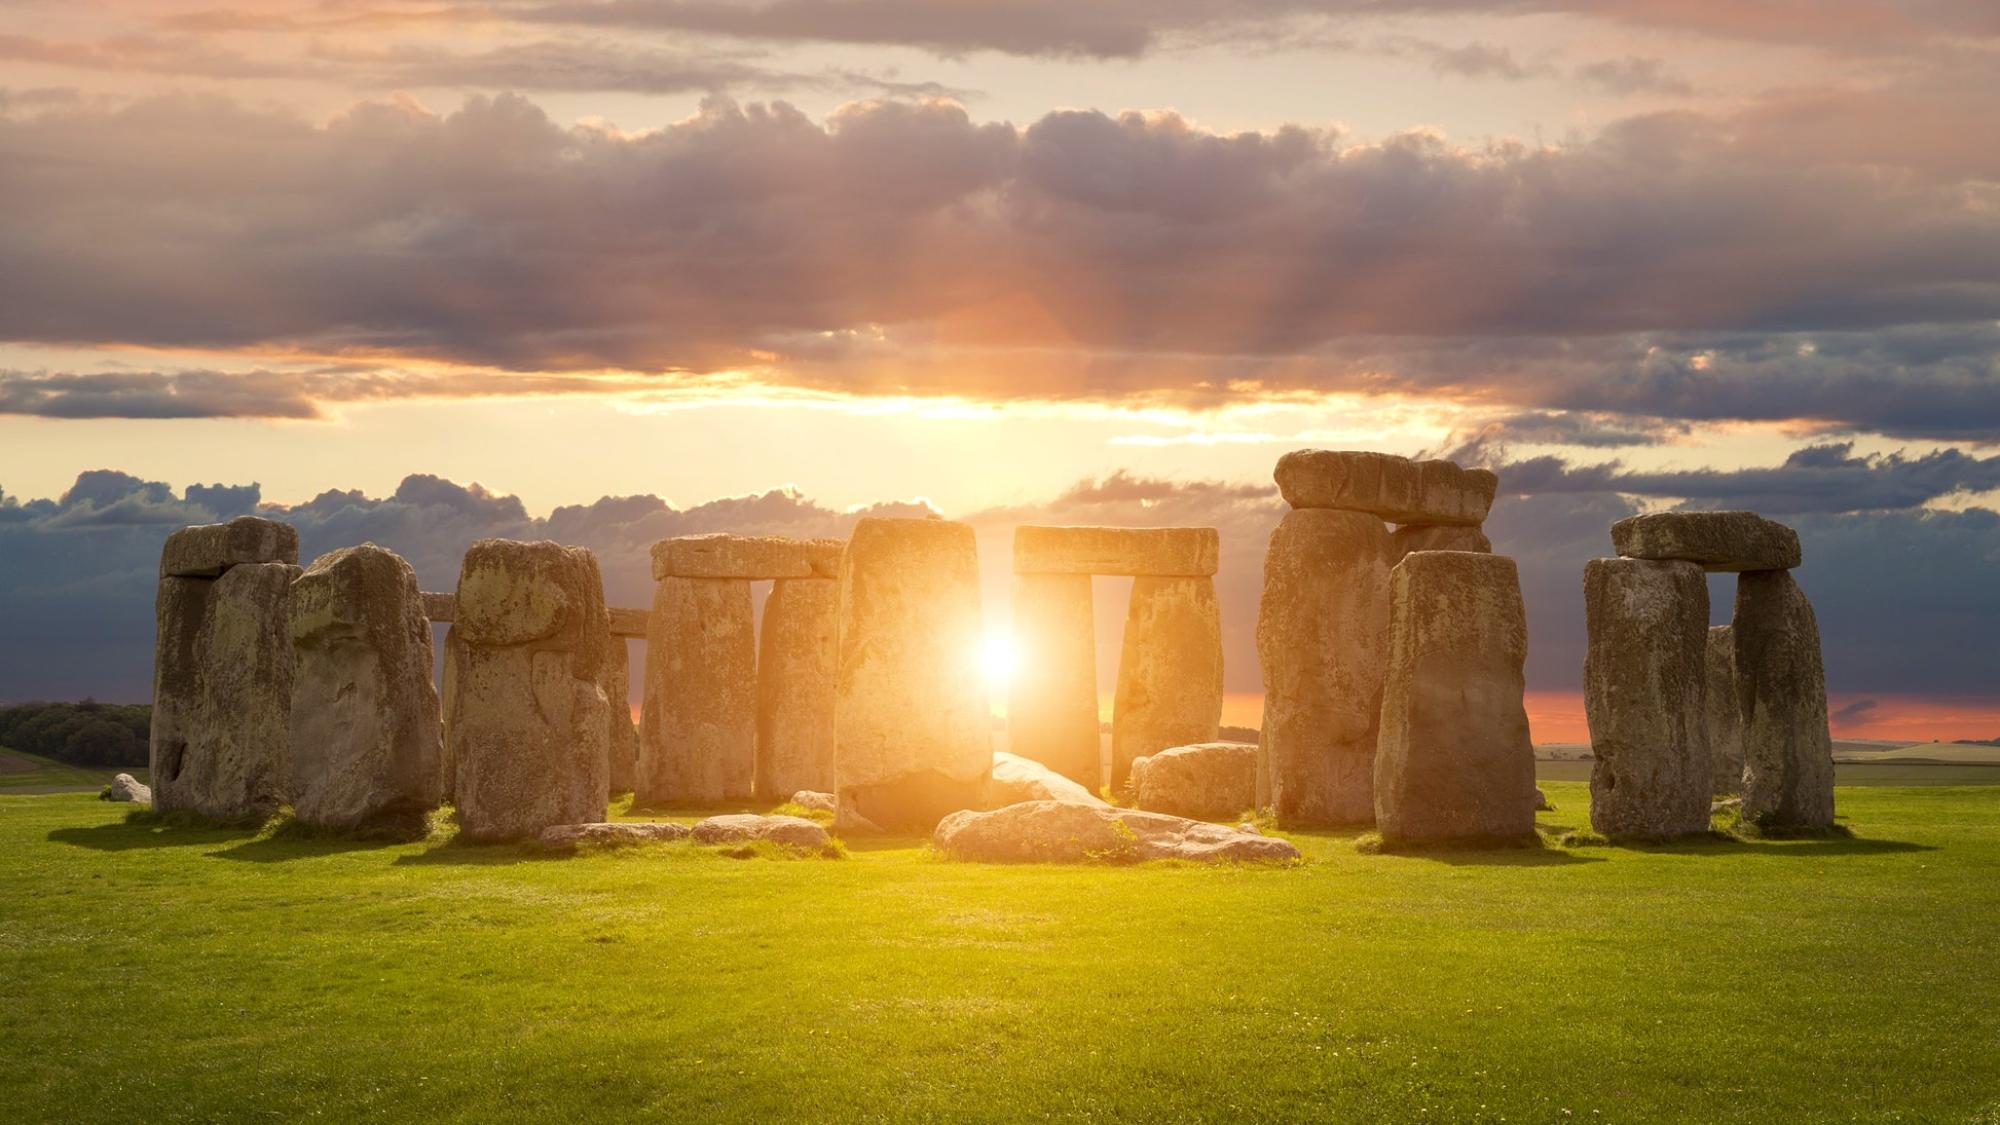 巨石陣有史以來第一次直播夏至日出©AndyRoland / Getty Images